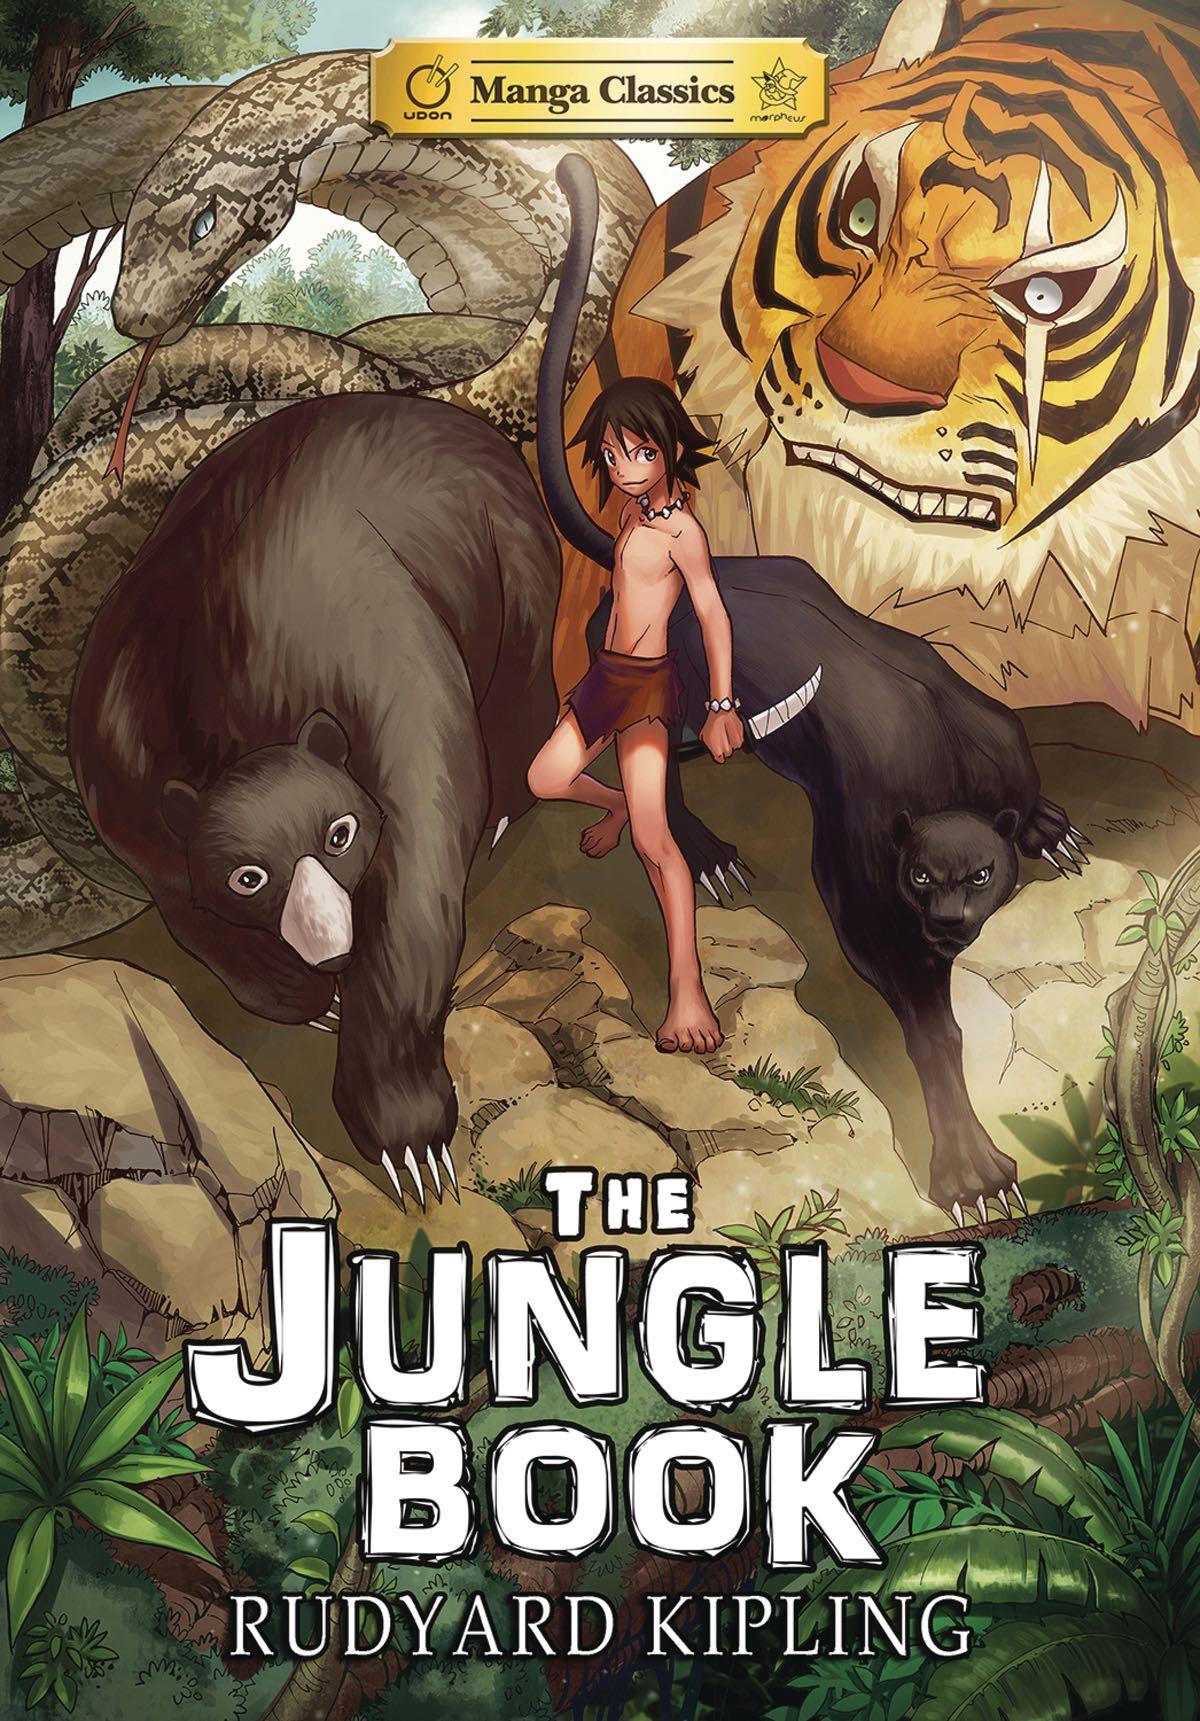 Jungle book release date in Melbourne